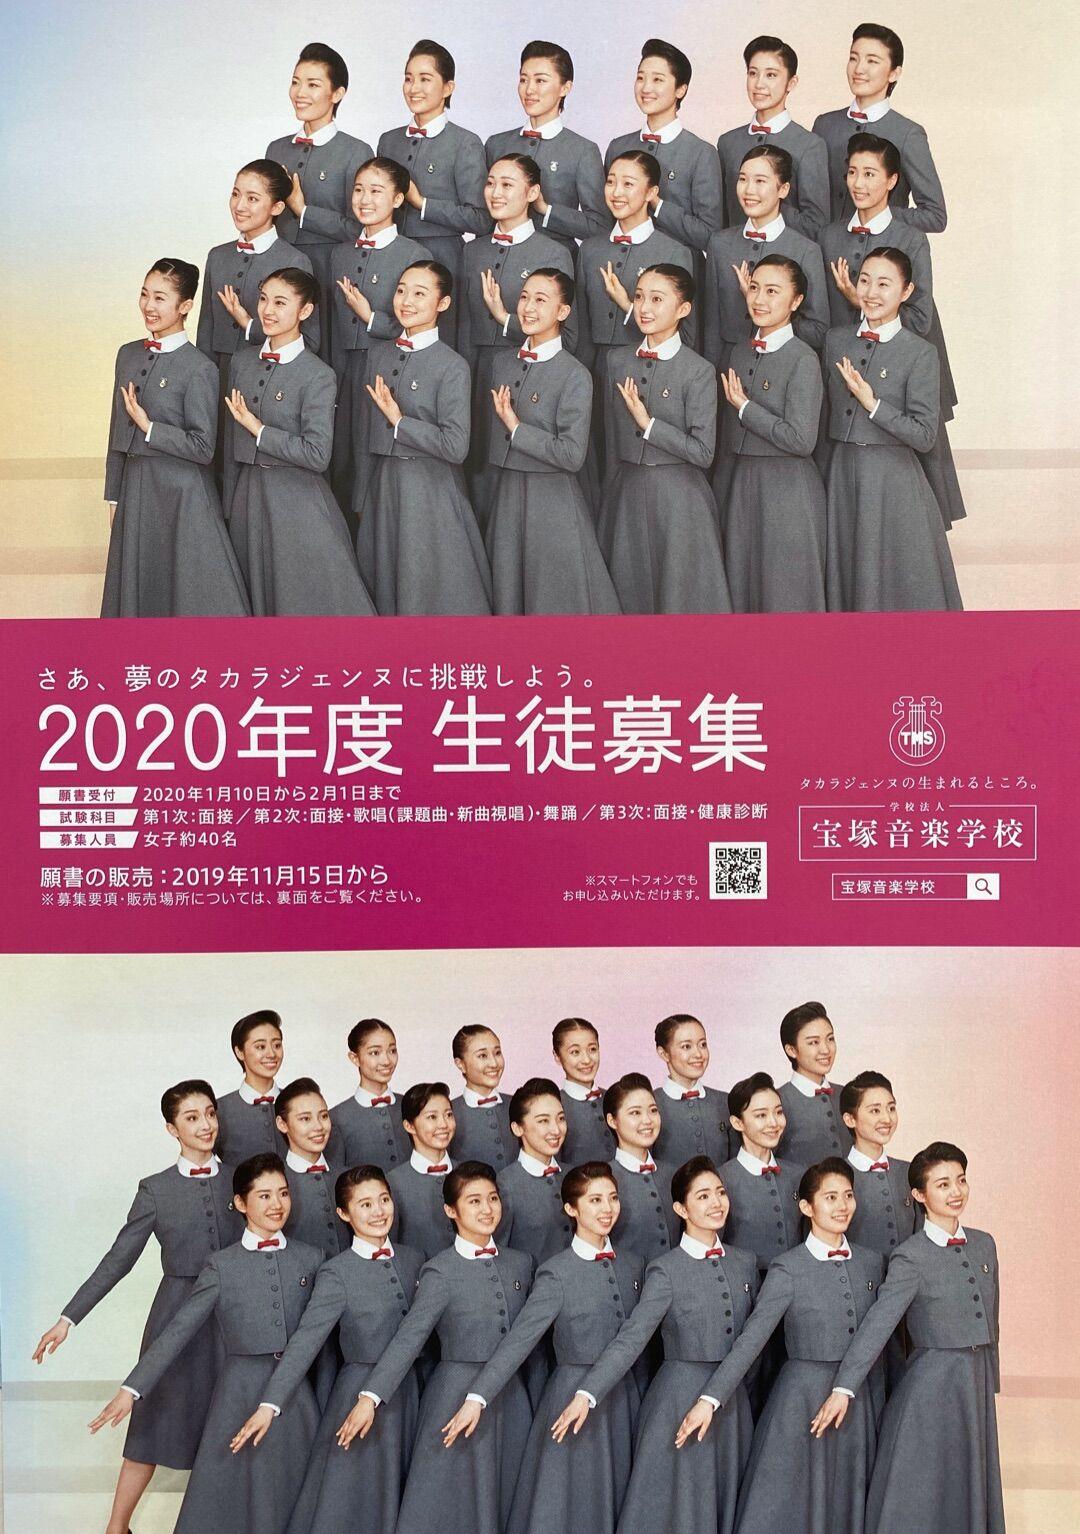 学校 2020 発表 音楽 合格 宝塚